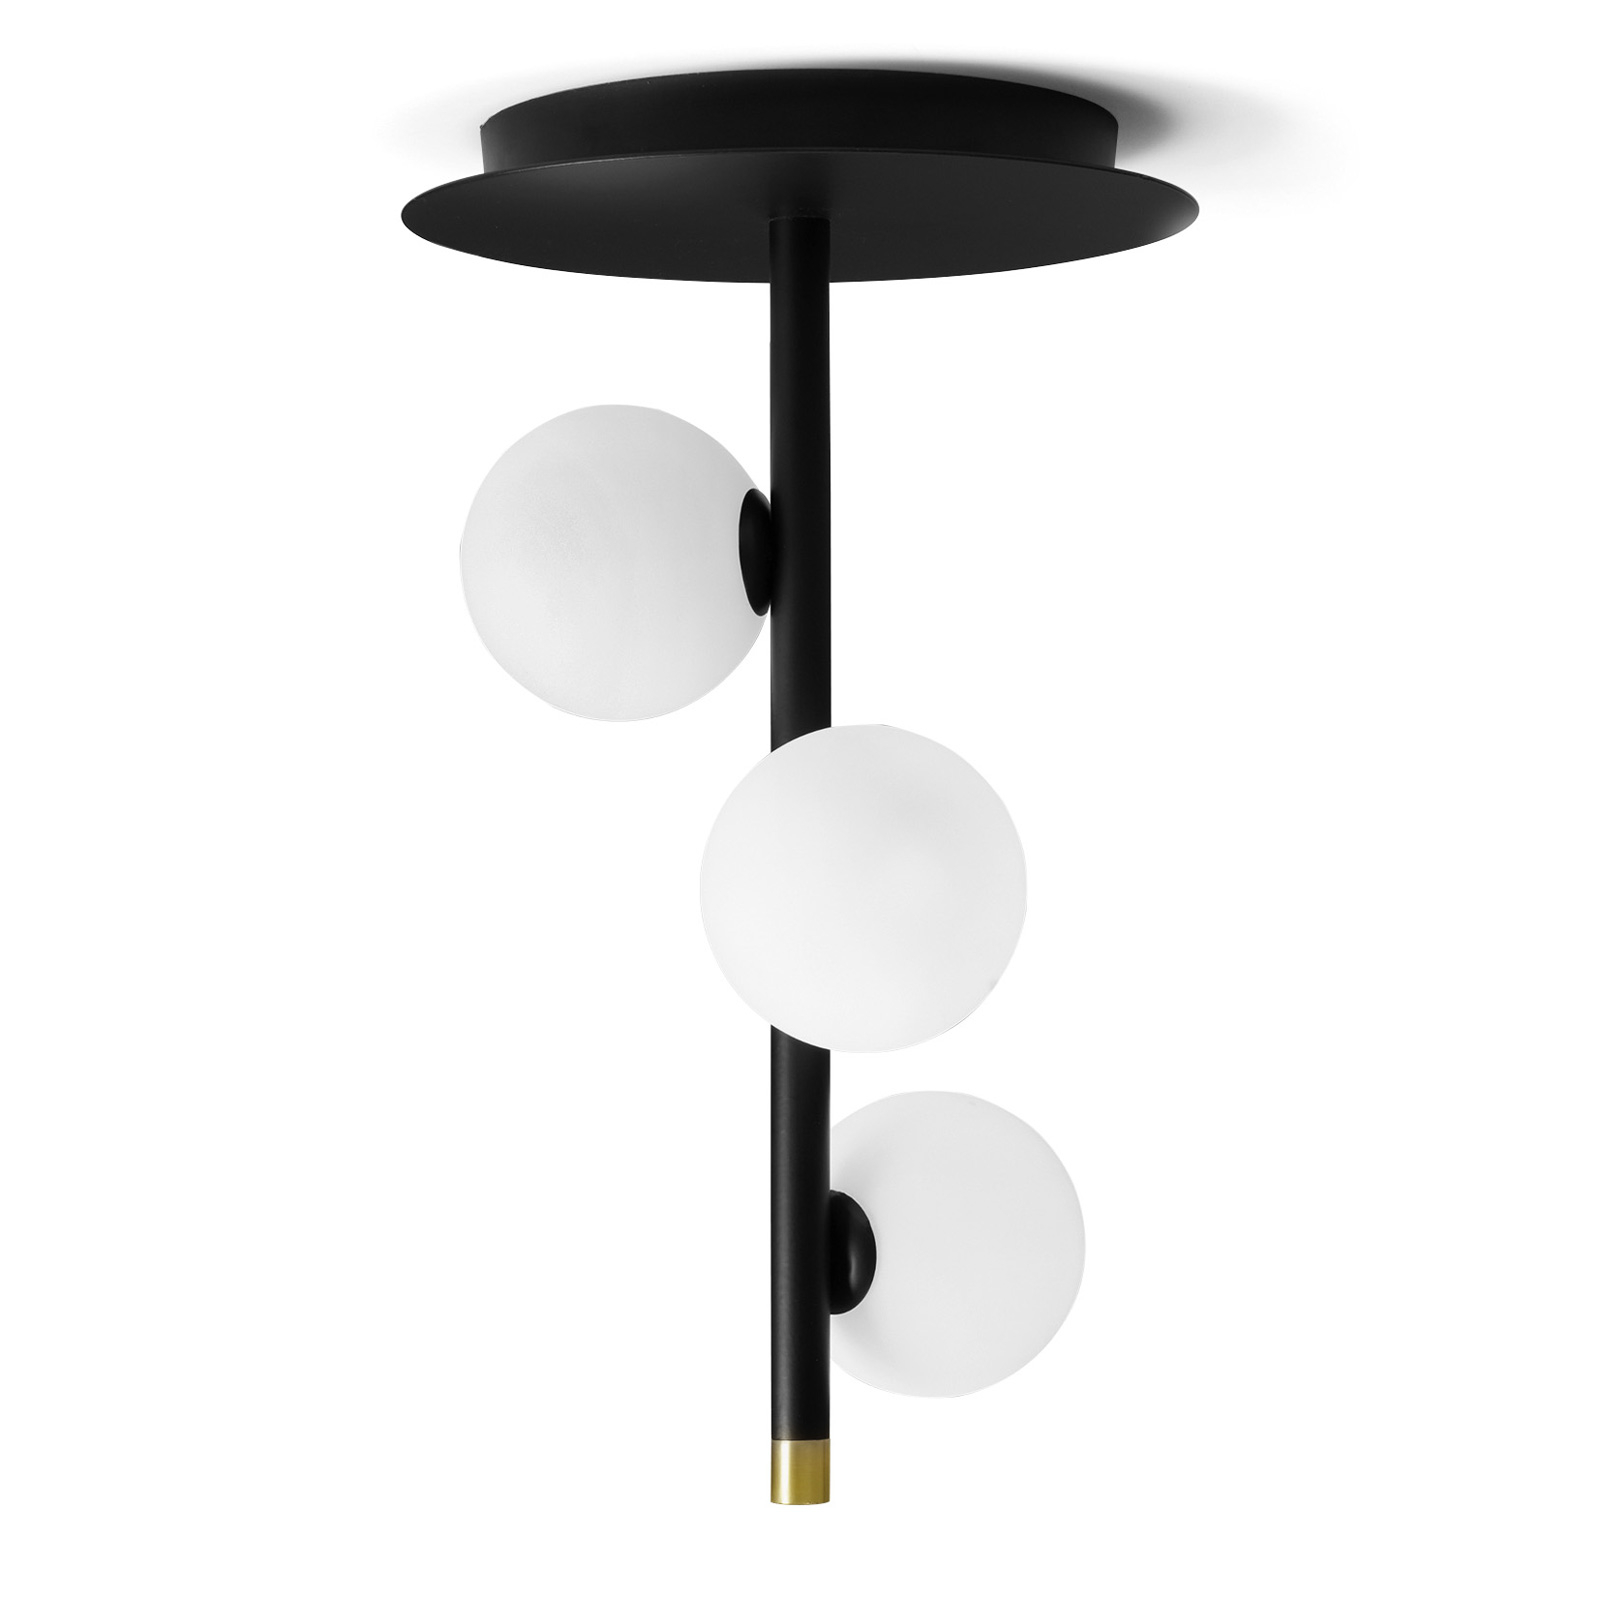 Lampa sufitowa Pomì 3-punktowa ze szklanymi kulami